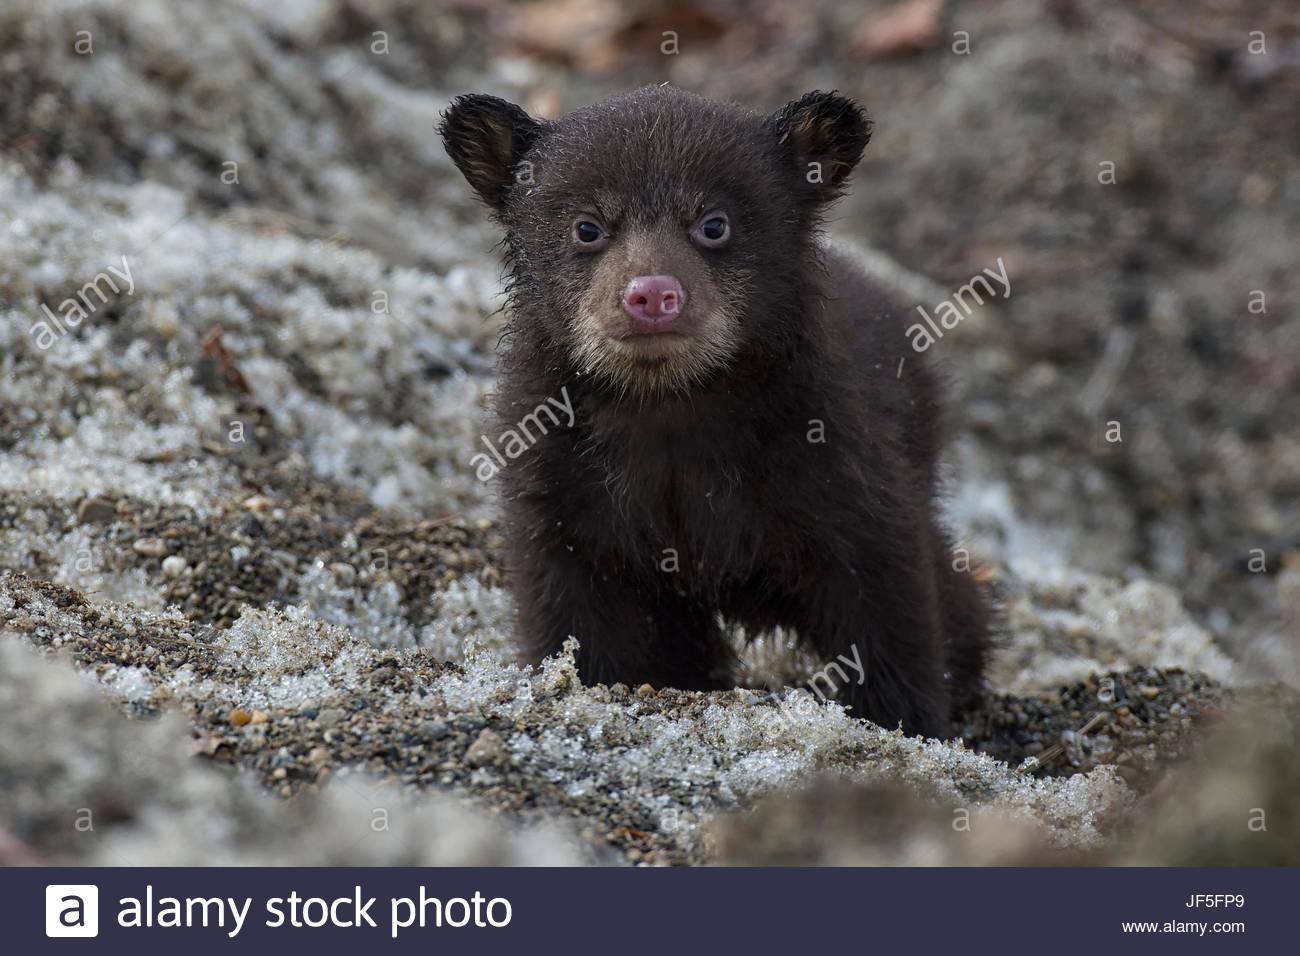 Retrato de una semanas Black Bear Cub, fuera de su guarida por primera vez. Imagen De Stock